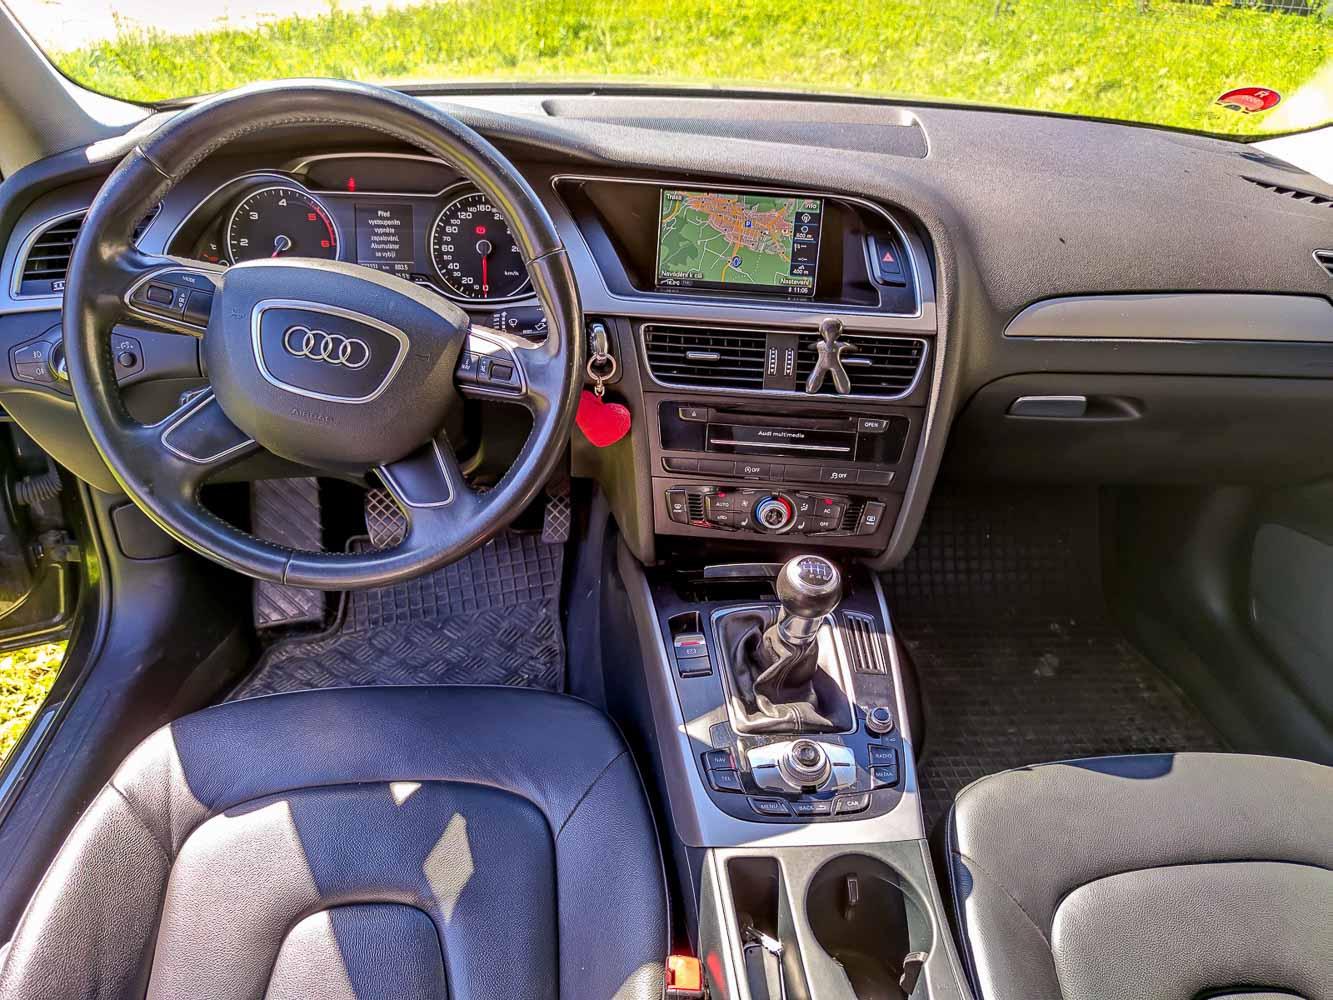 Audi A4 2.0 TDIe Avant interiér